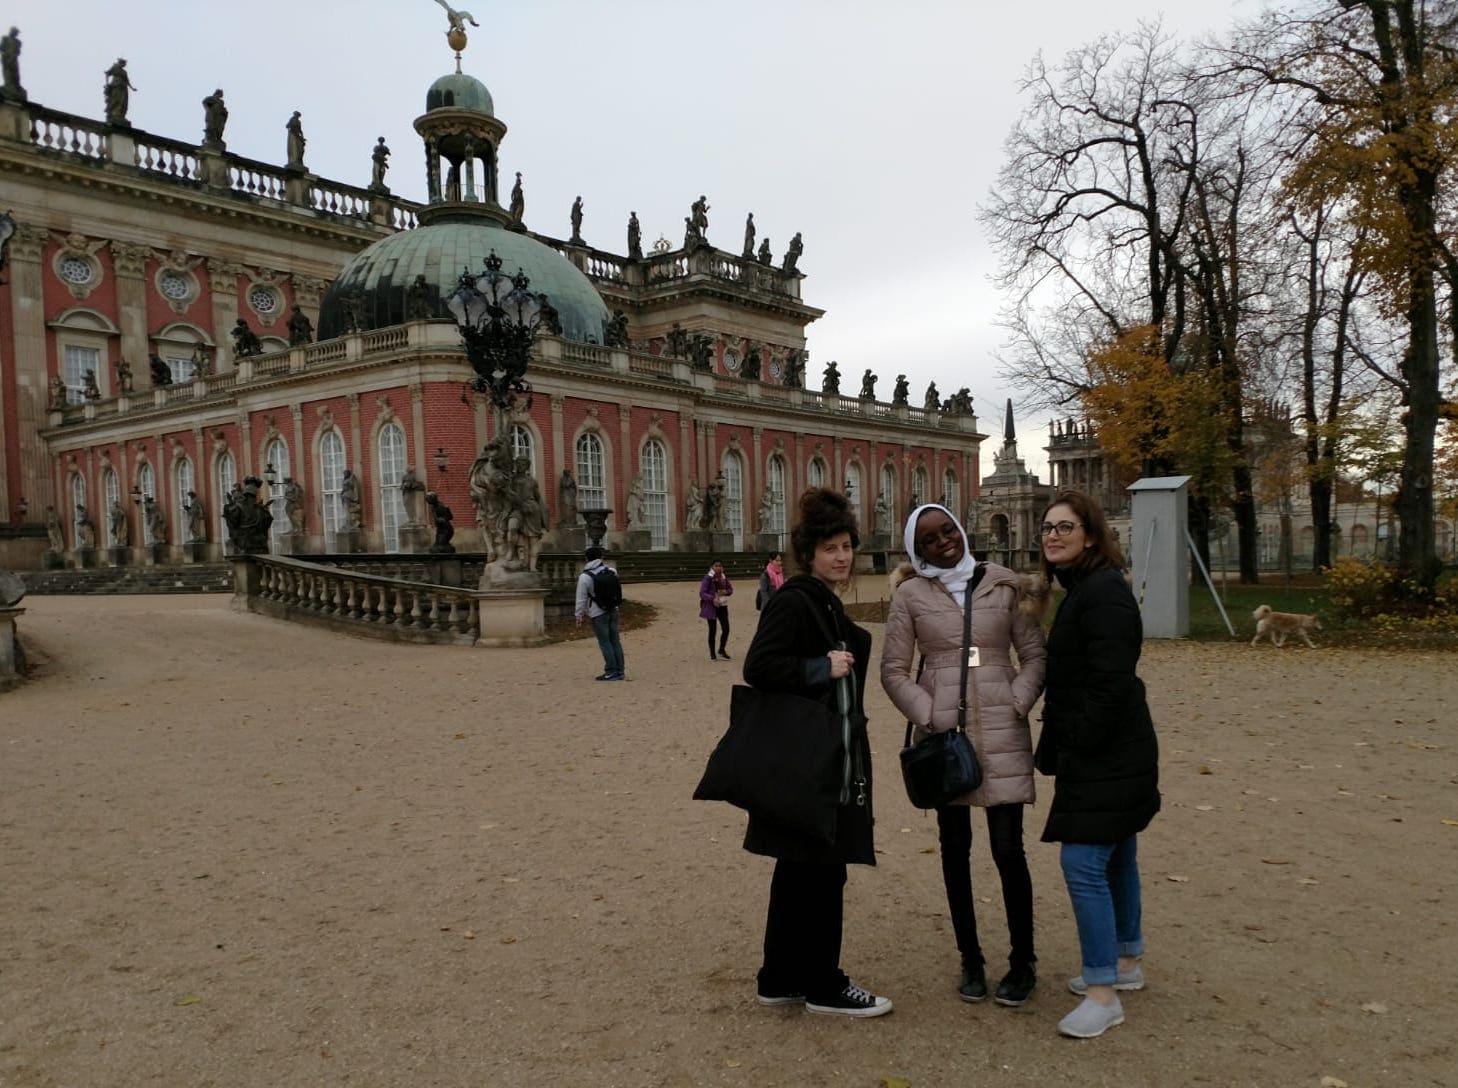 Berlin Film Residencies – 2018 BERLIN AiR fellows Hadar Morag, Aicha Macky and Laila Abbas visiting Park Sanssouci